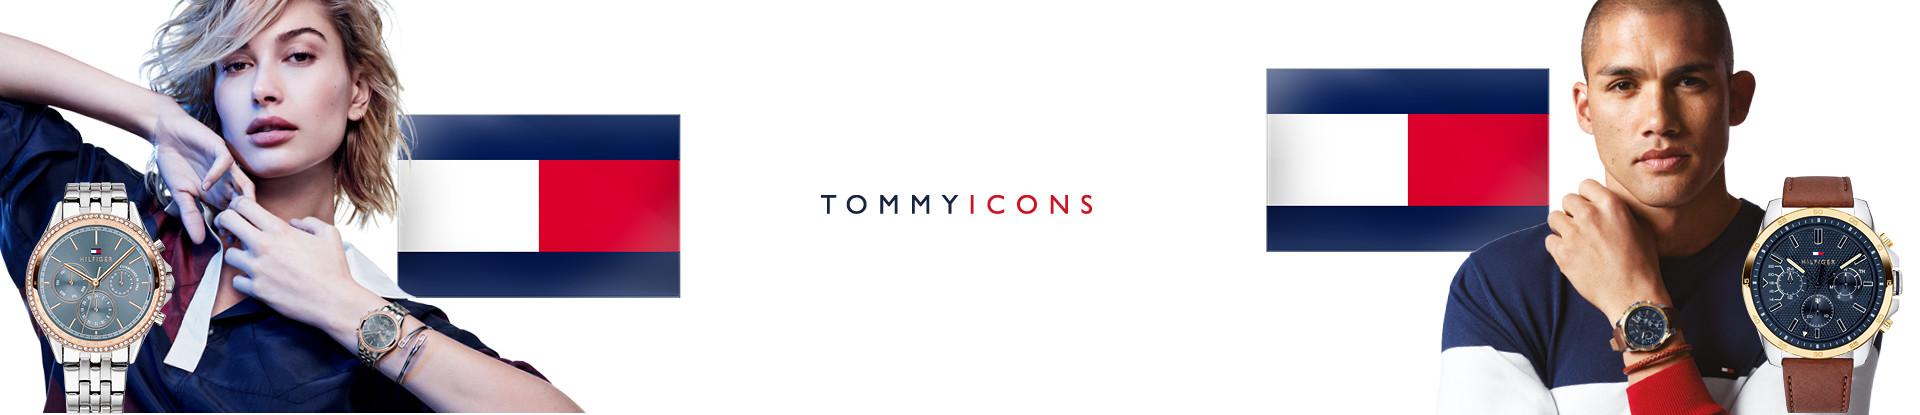 Horloges Tommy Hilfiger